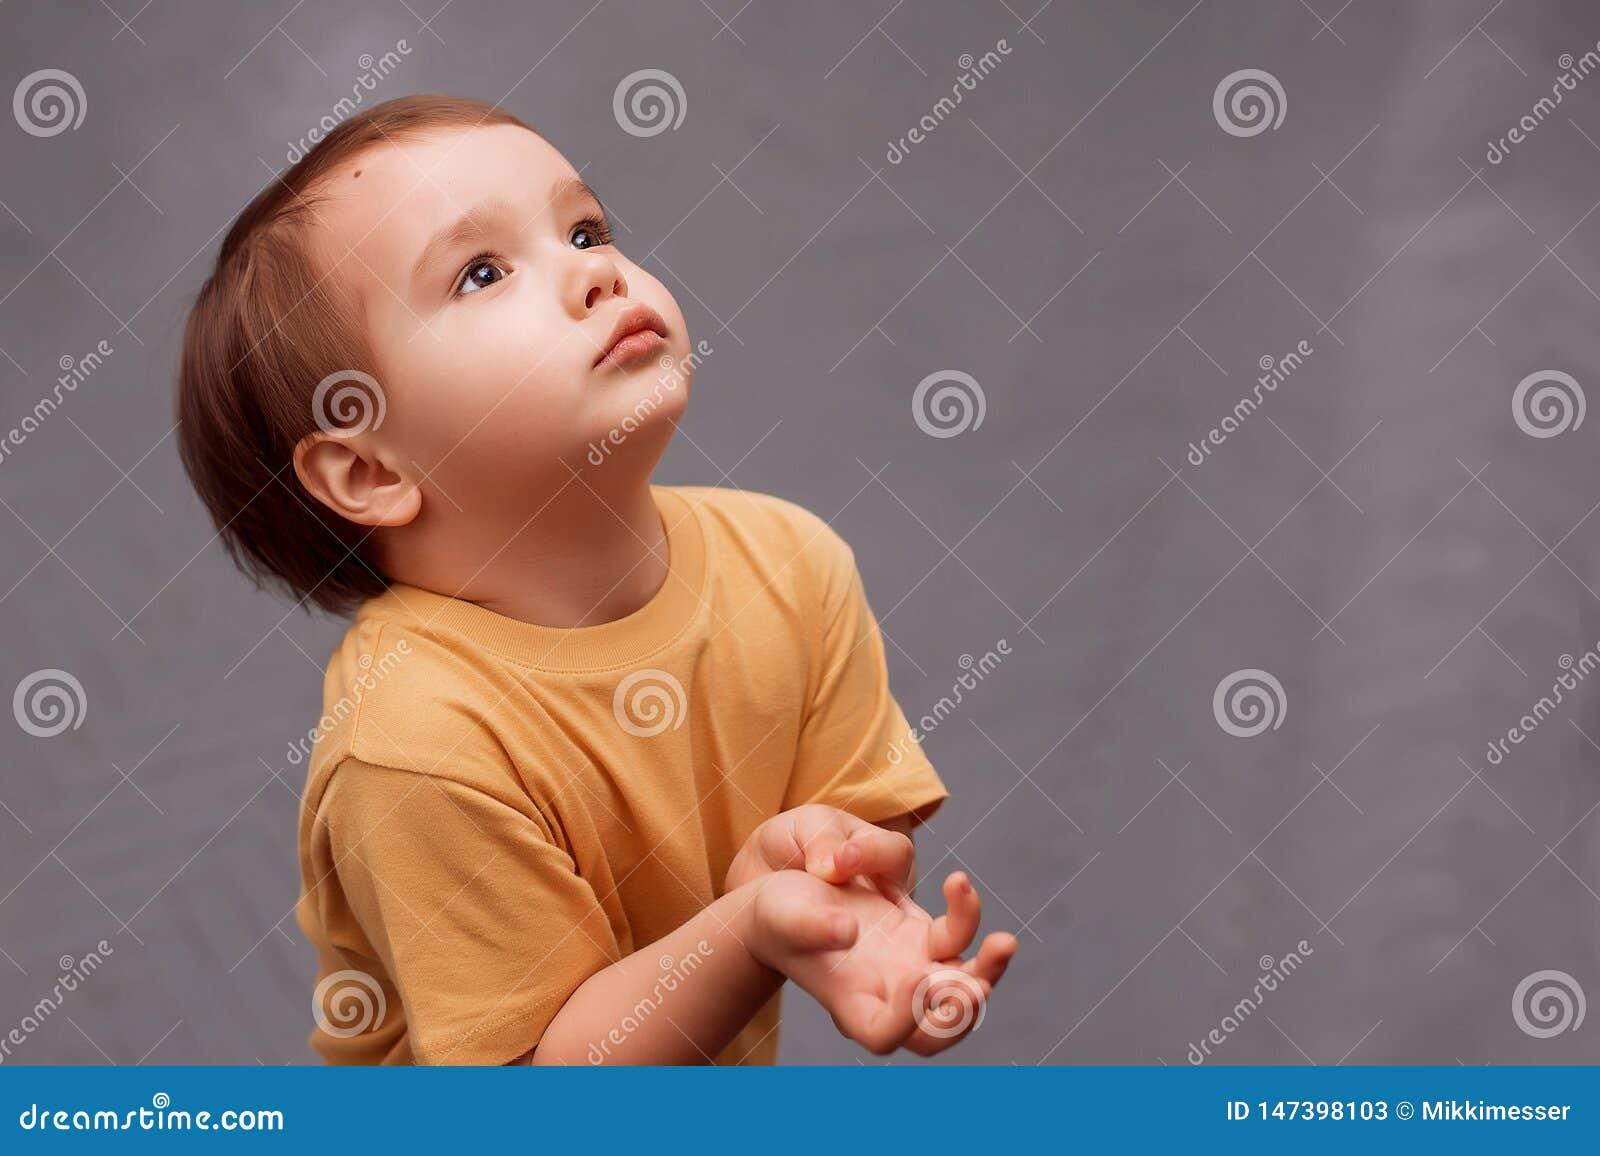 查找黄色的衬衣的小小孩男孩站立和请求某事 孩子握手被举对胸口,如他